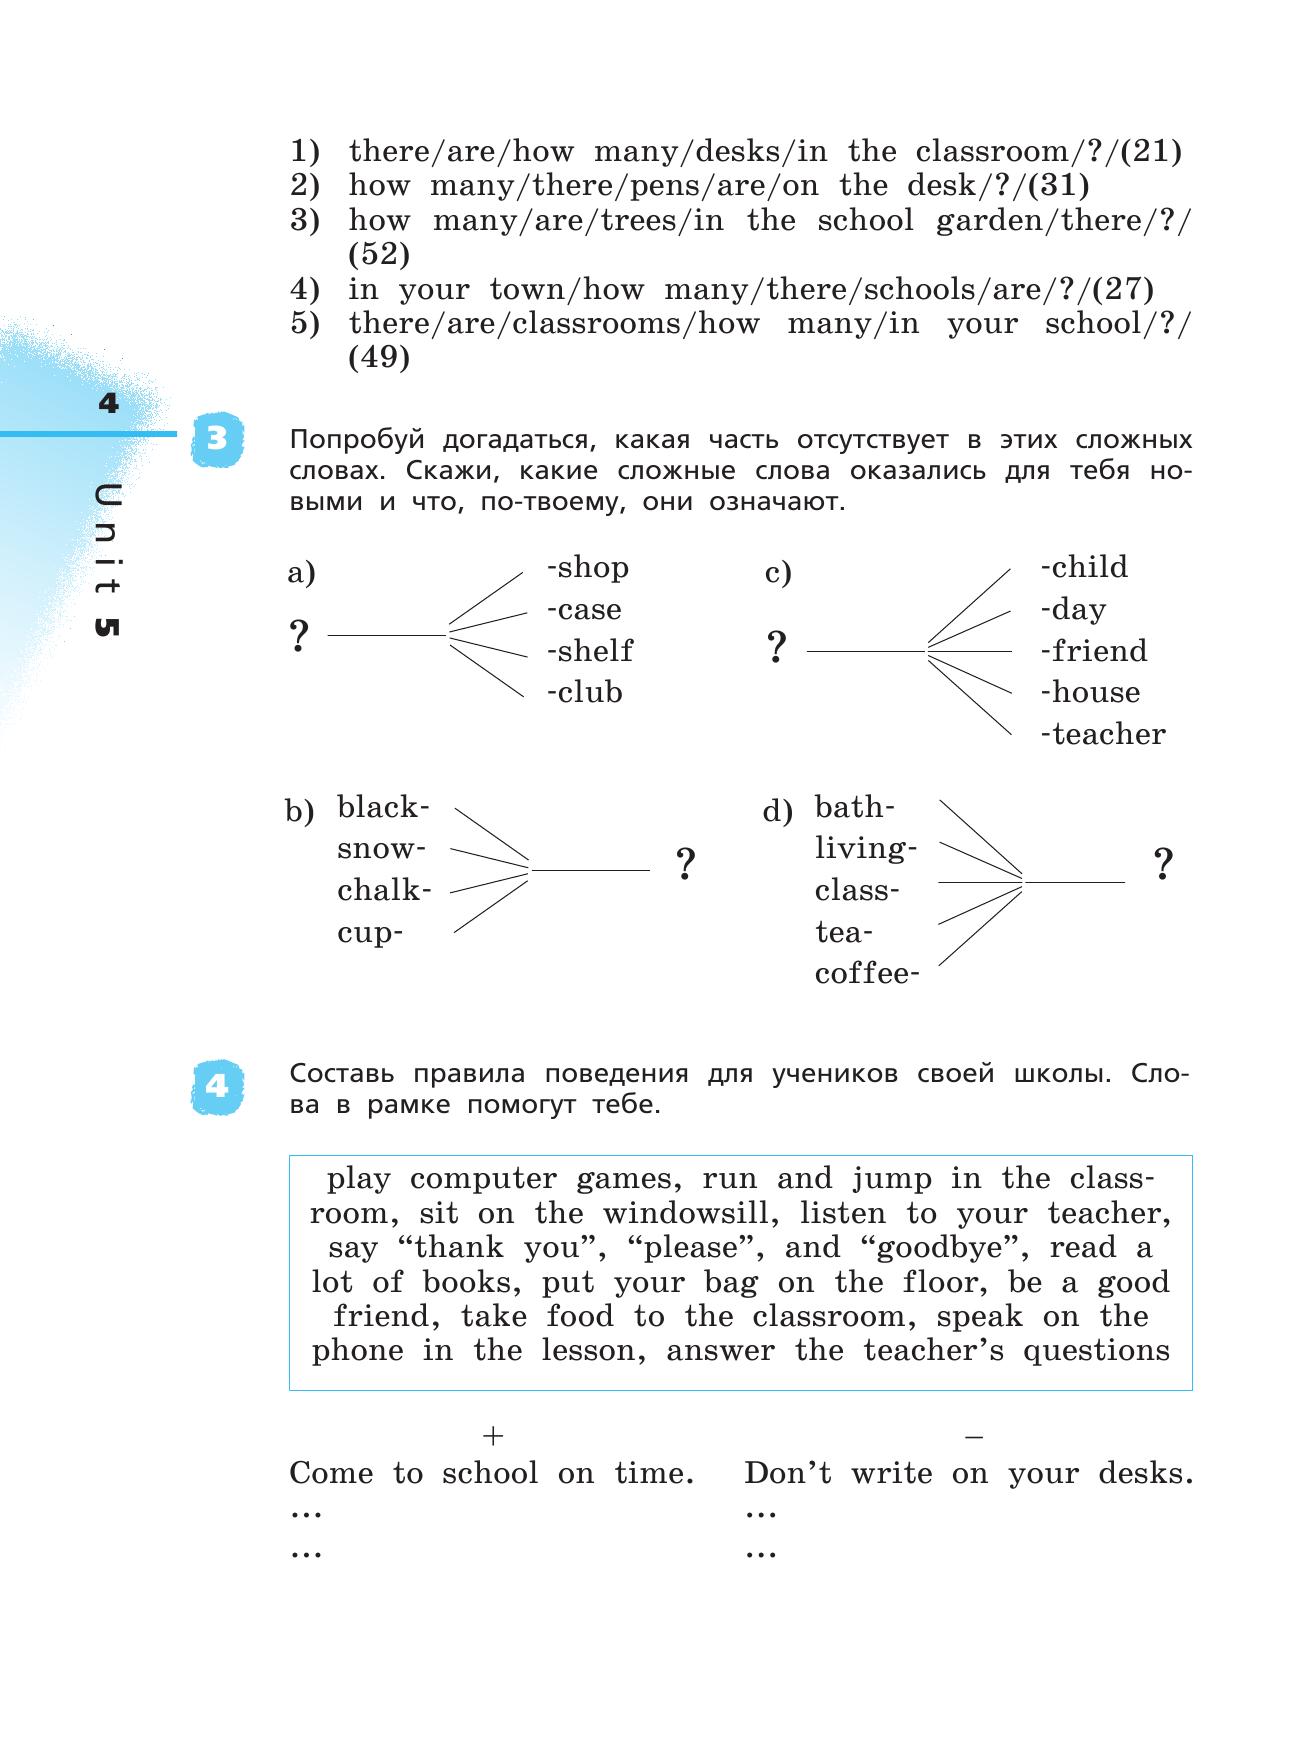 английский язык 4 класс учебник афанасьева диктор